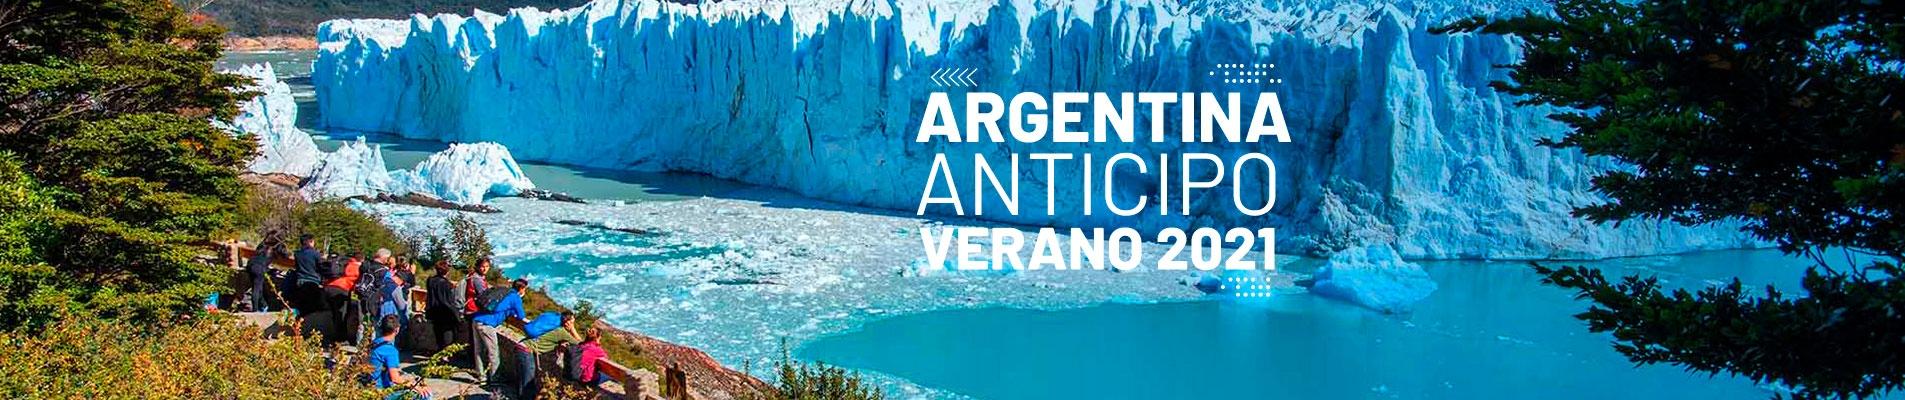 Argentina anticipo 1